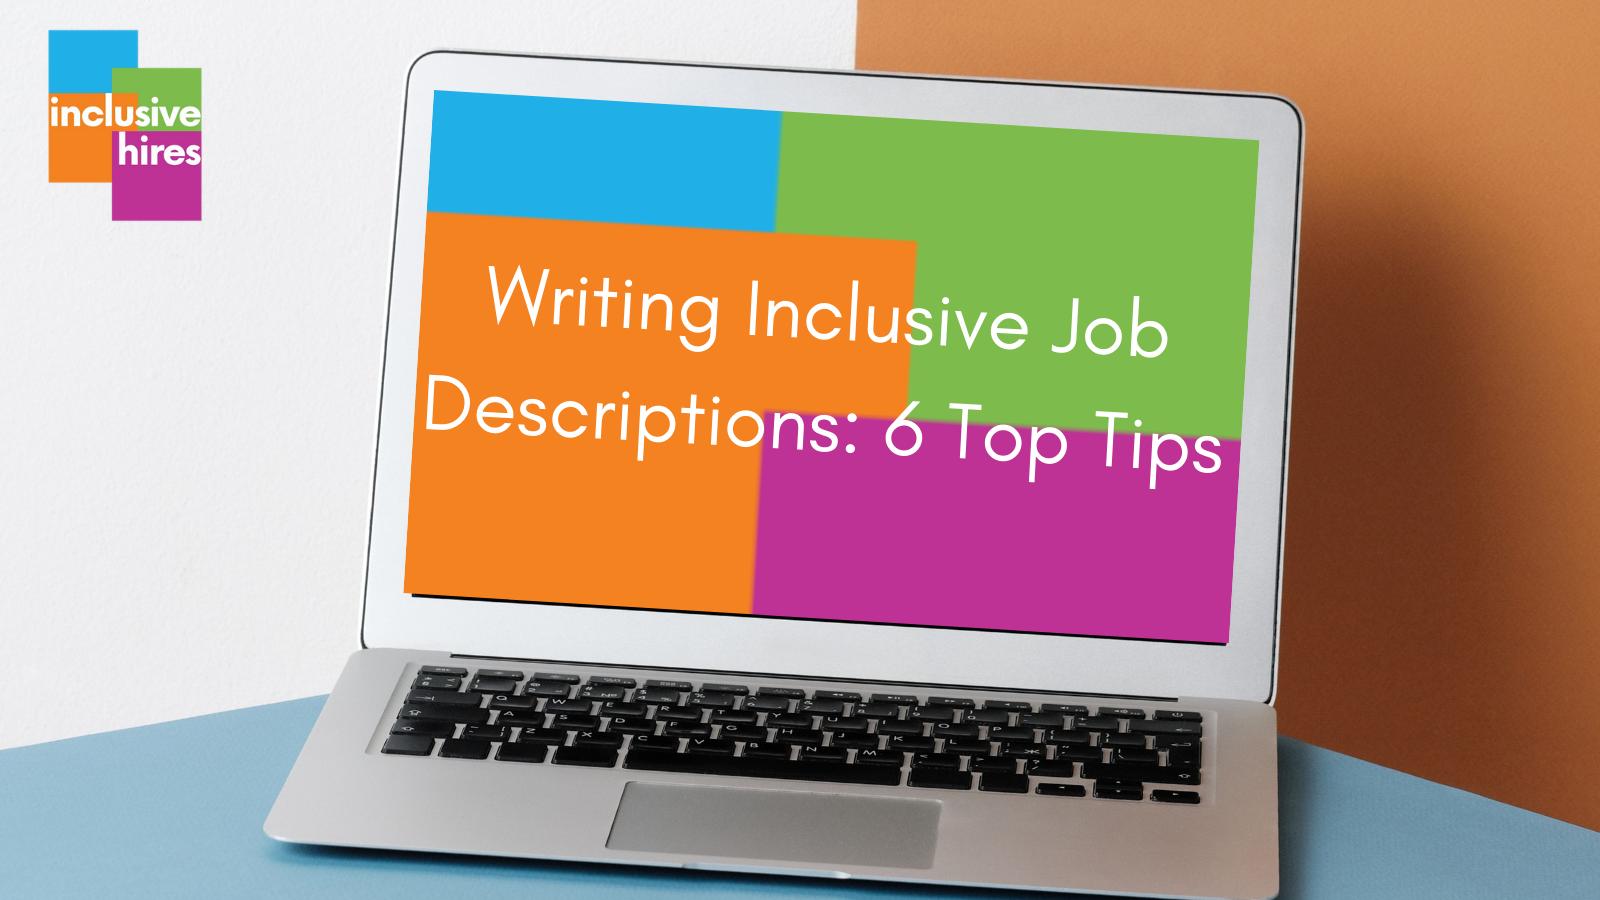 Inclusive Hires writing inclusive job descriptions 6 top tips